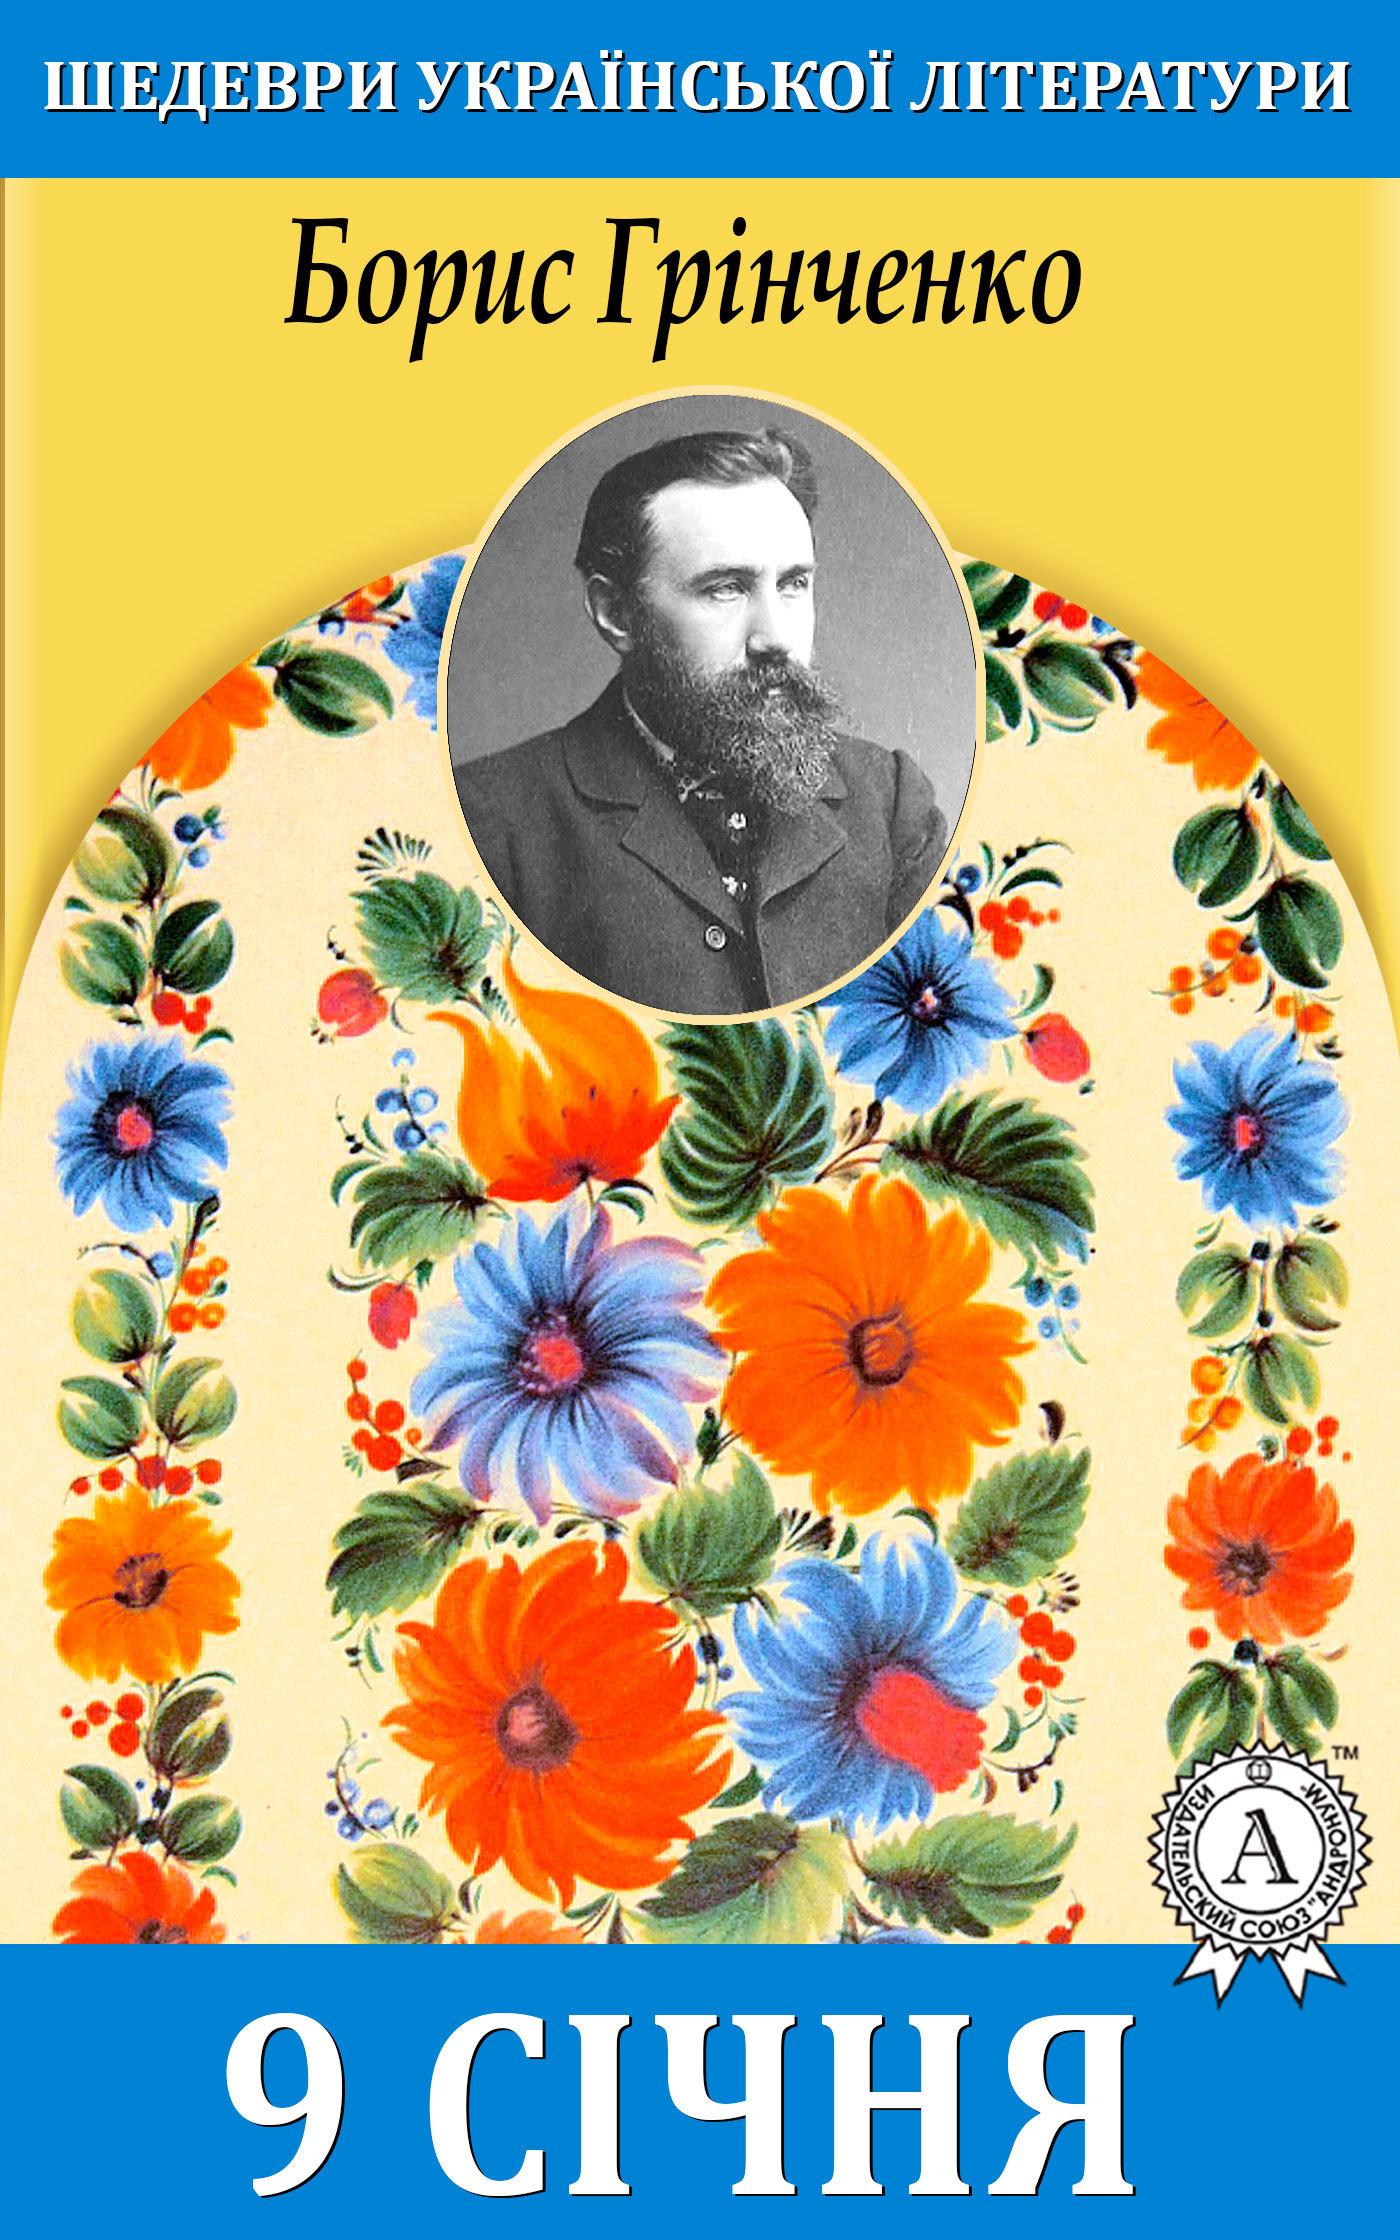 Борис Грінченко 9 січня цена